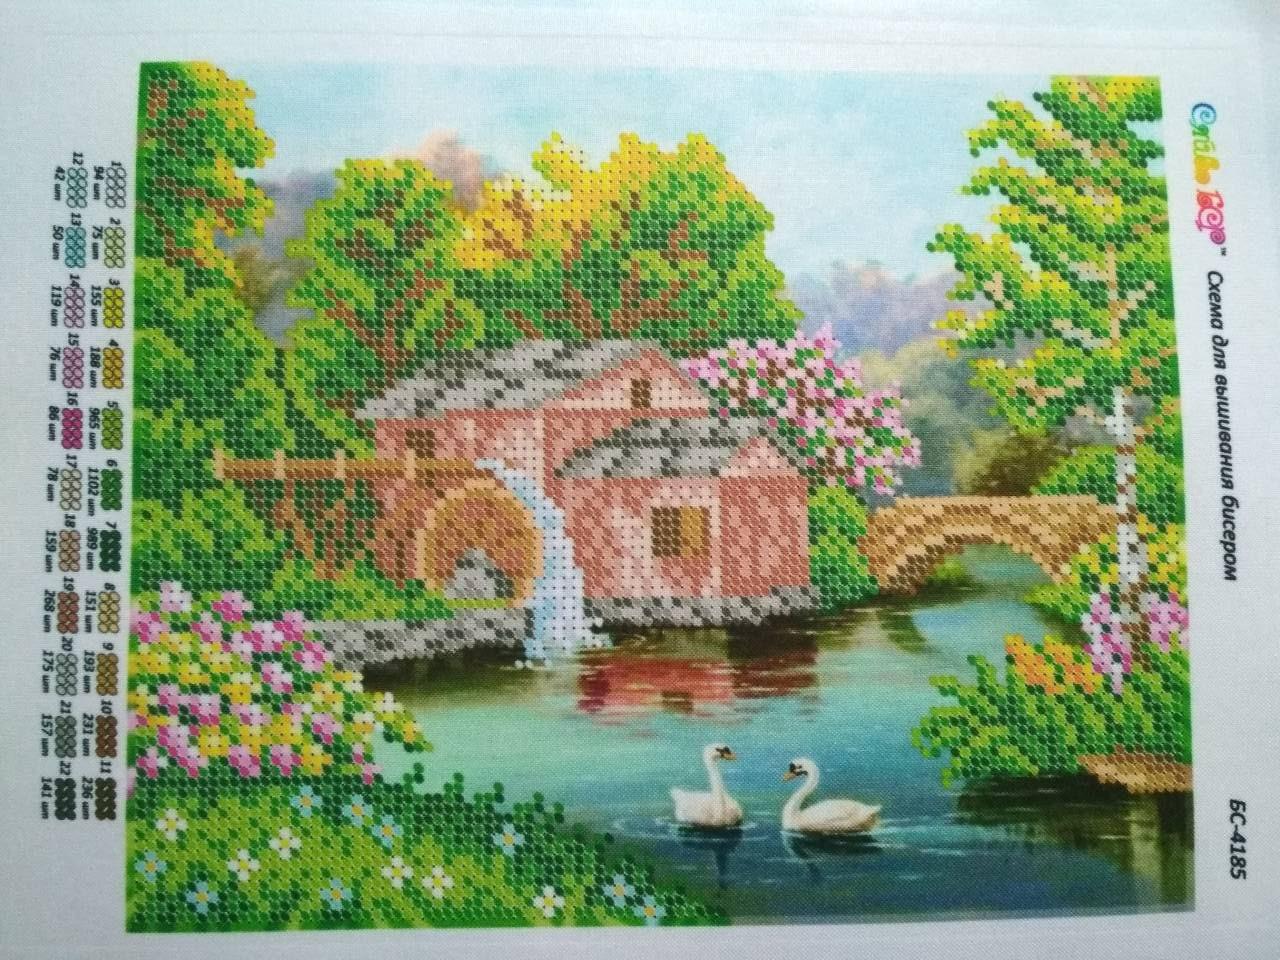 Kit Kit Kit de broderie de perles maison nature cygnes rivière bricolage perles ensemble pour broderie de perles de broderie de perles et de toile décoration murale Beadart b42456